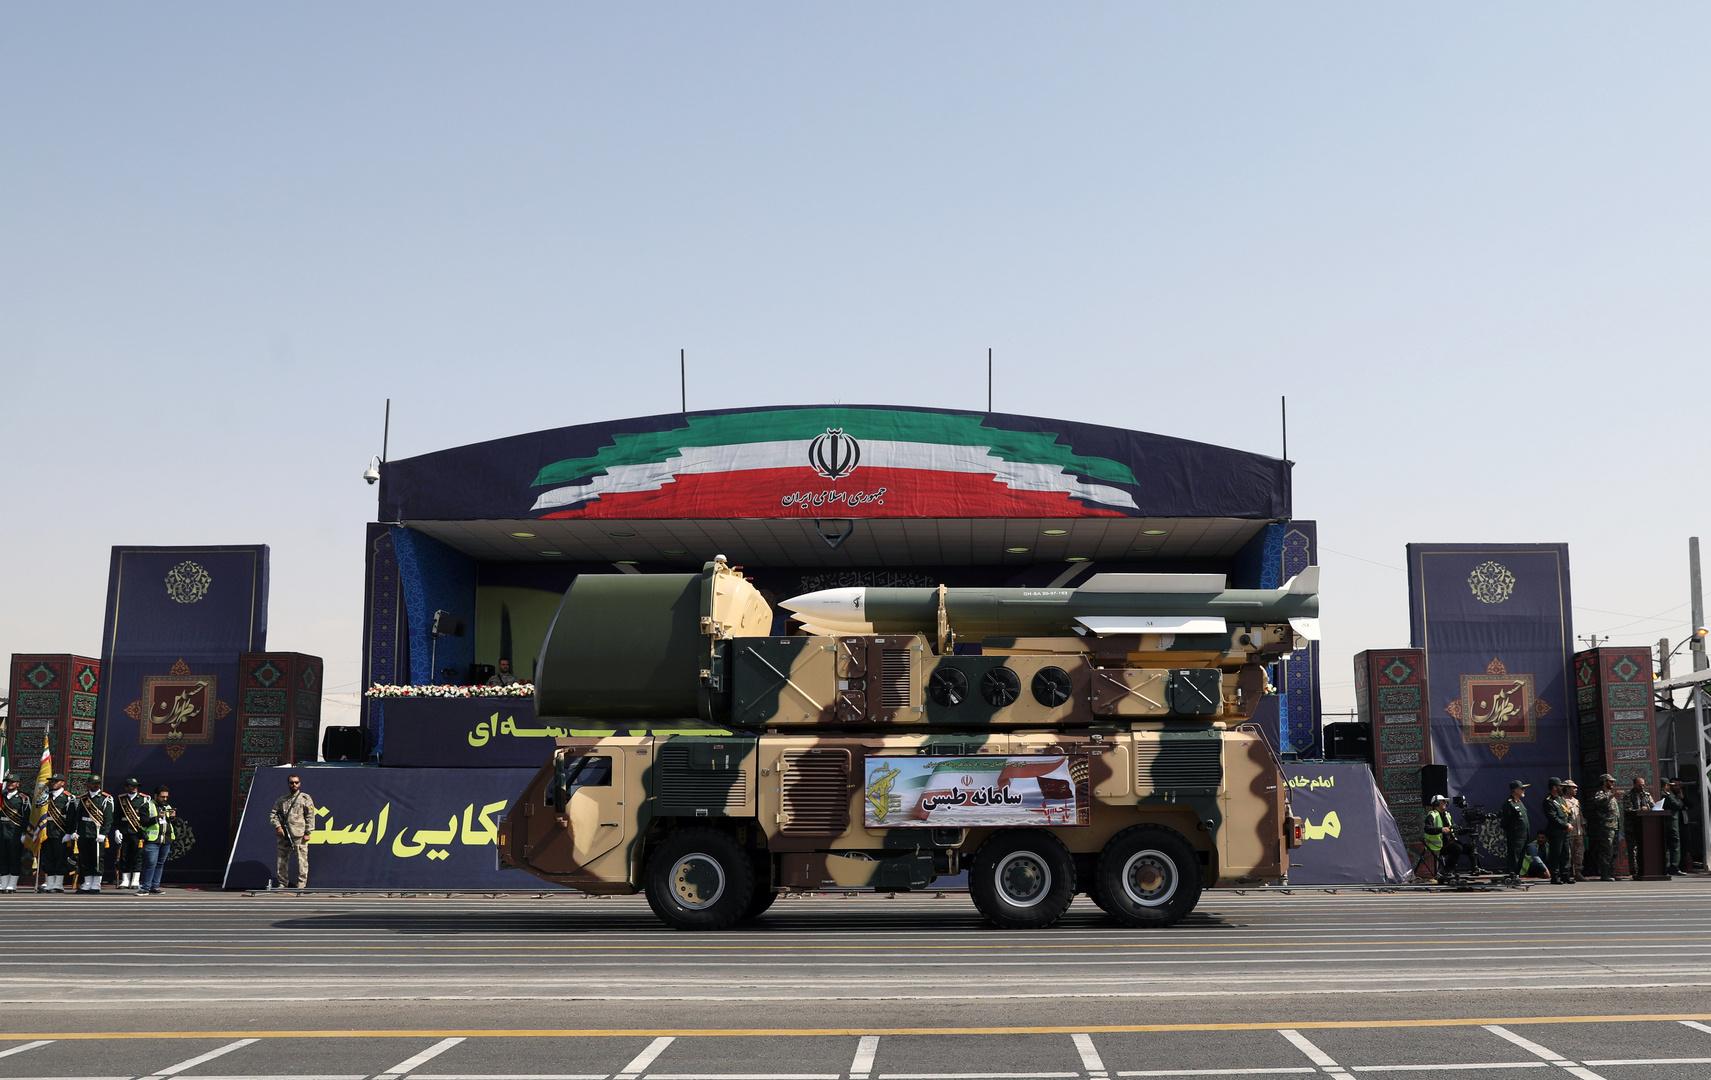 القوات المسلحة الإيرانية تعلن استعدادها لمواجهة إسرائيل